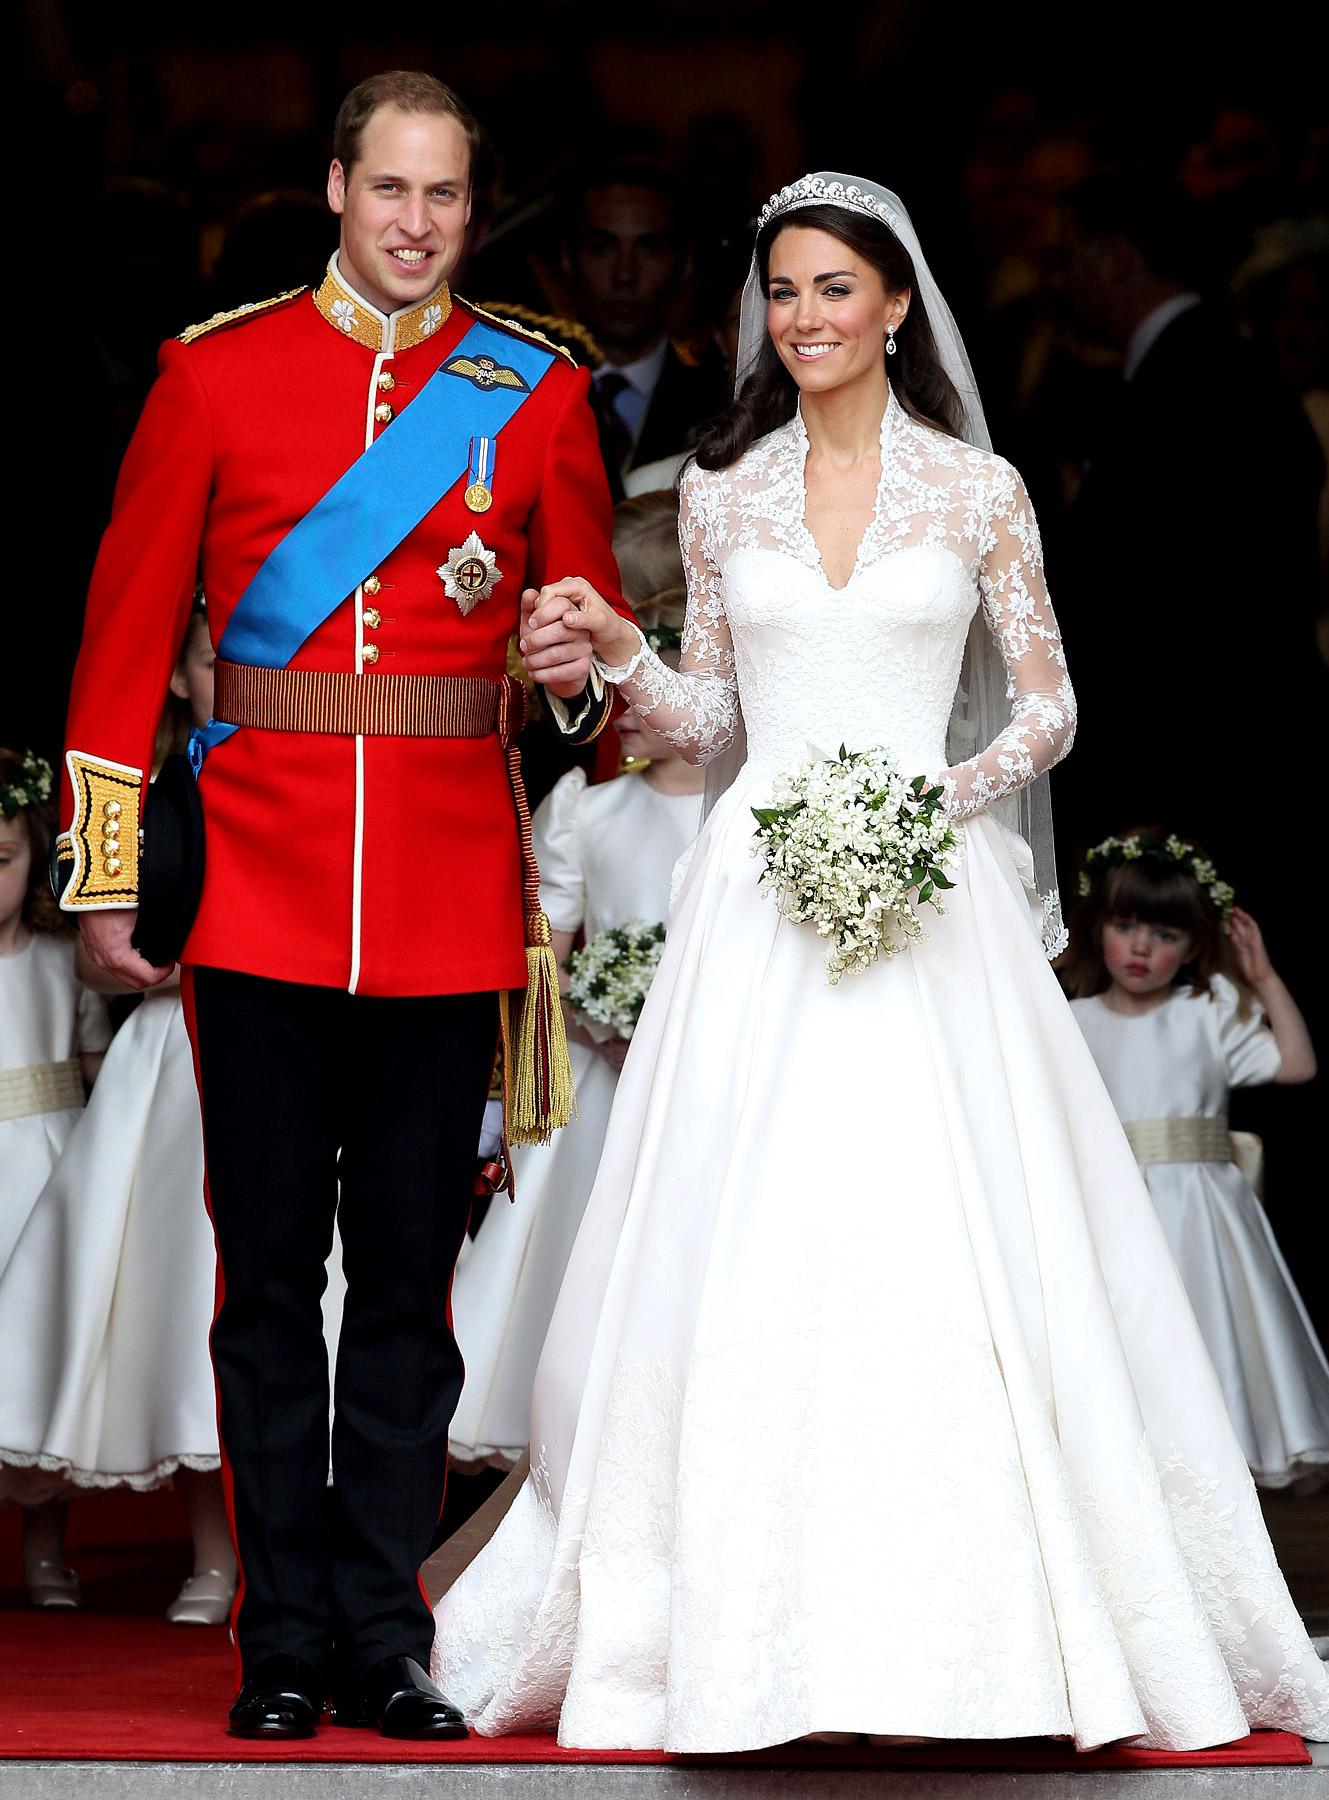 Catherine Middleton's Long Sleeve Wedding Dress